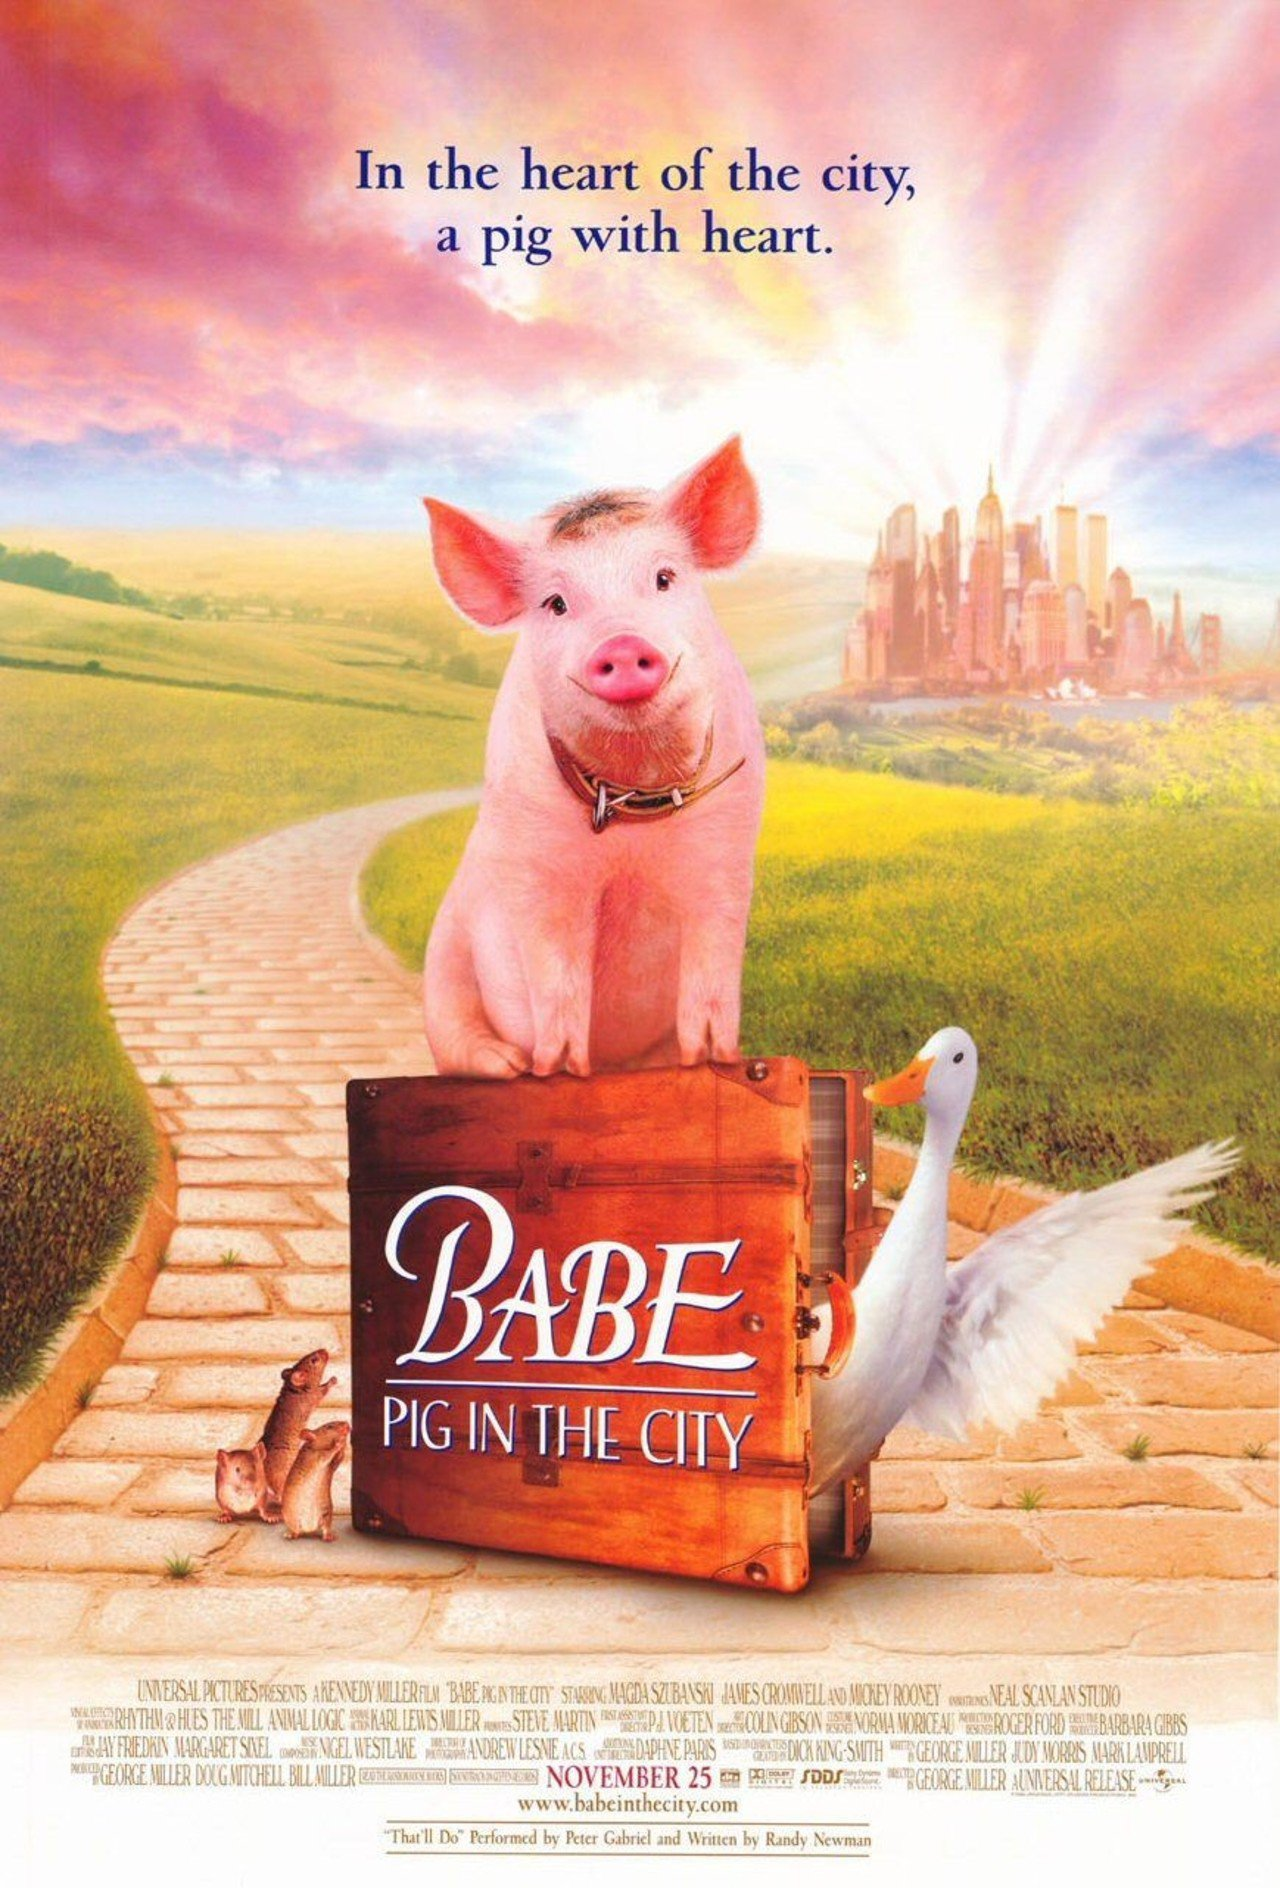 Πόστερ της ταινίας «Μπέιμπ: Το Μικρό Γουρουνάκι στη Μεγάλη Πόλη (1998)»